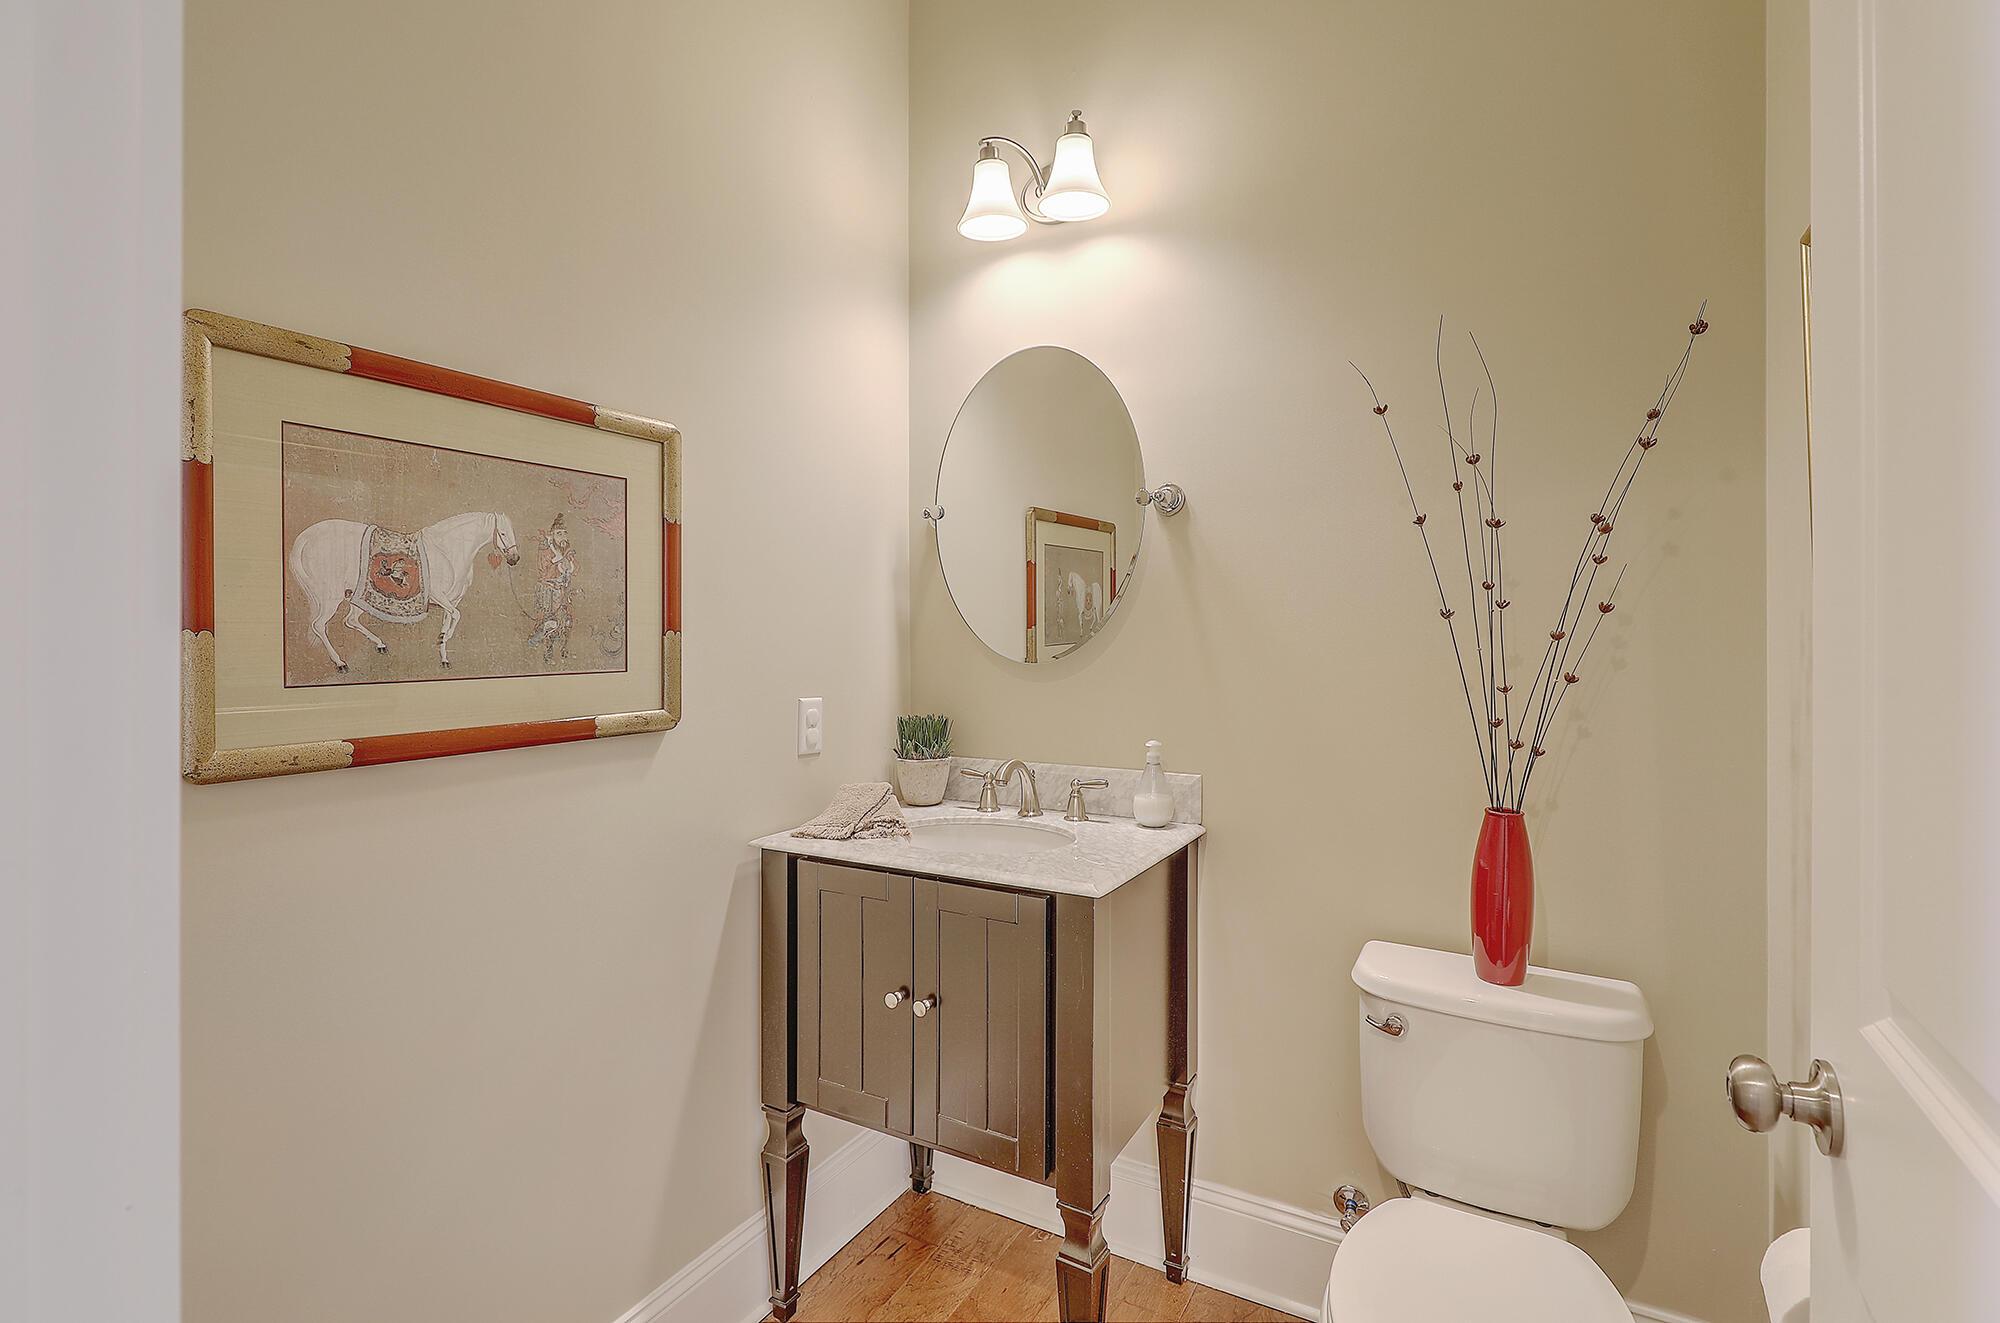 Dunes West Homes For Sale - 3171 Sturbridge, Mount Pleasant, SC - 53